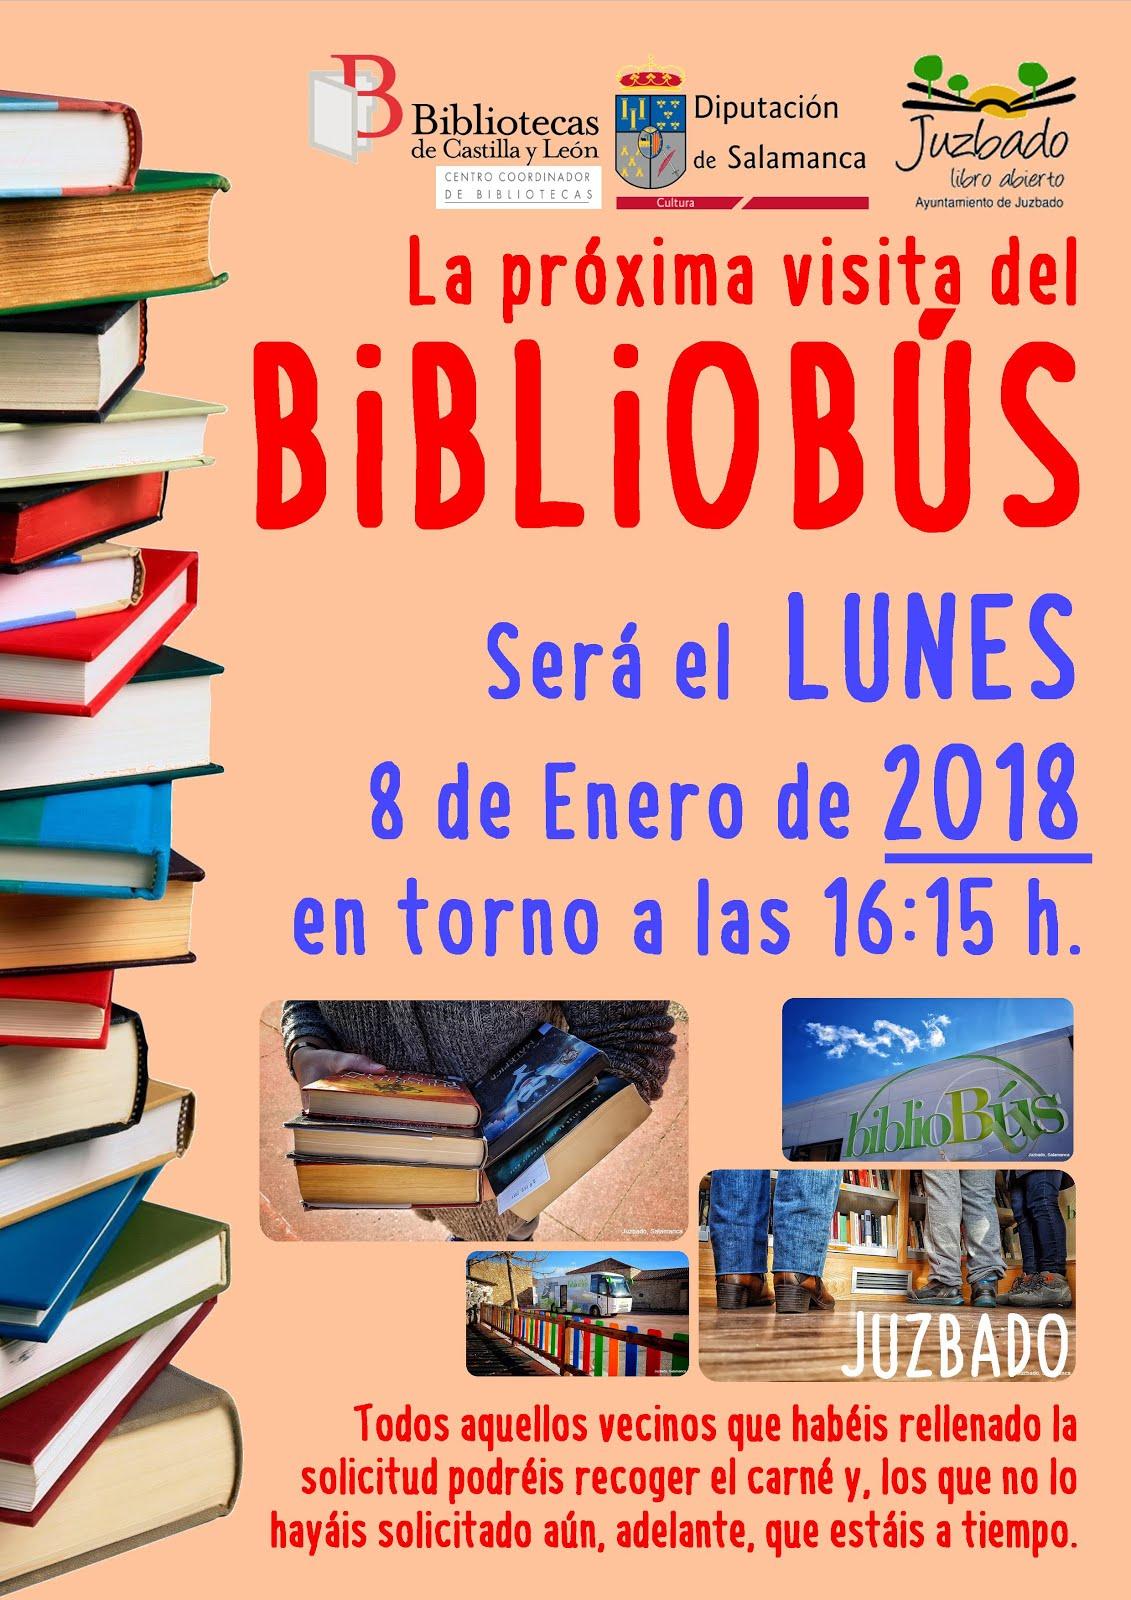 VISITA DEL BIBLIOBÚS 2018